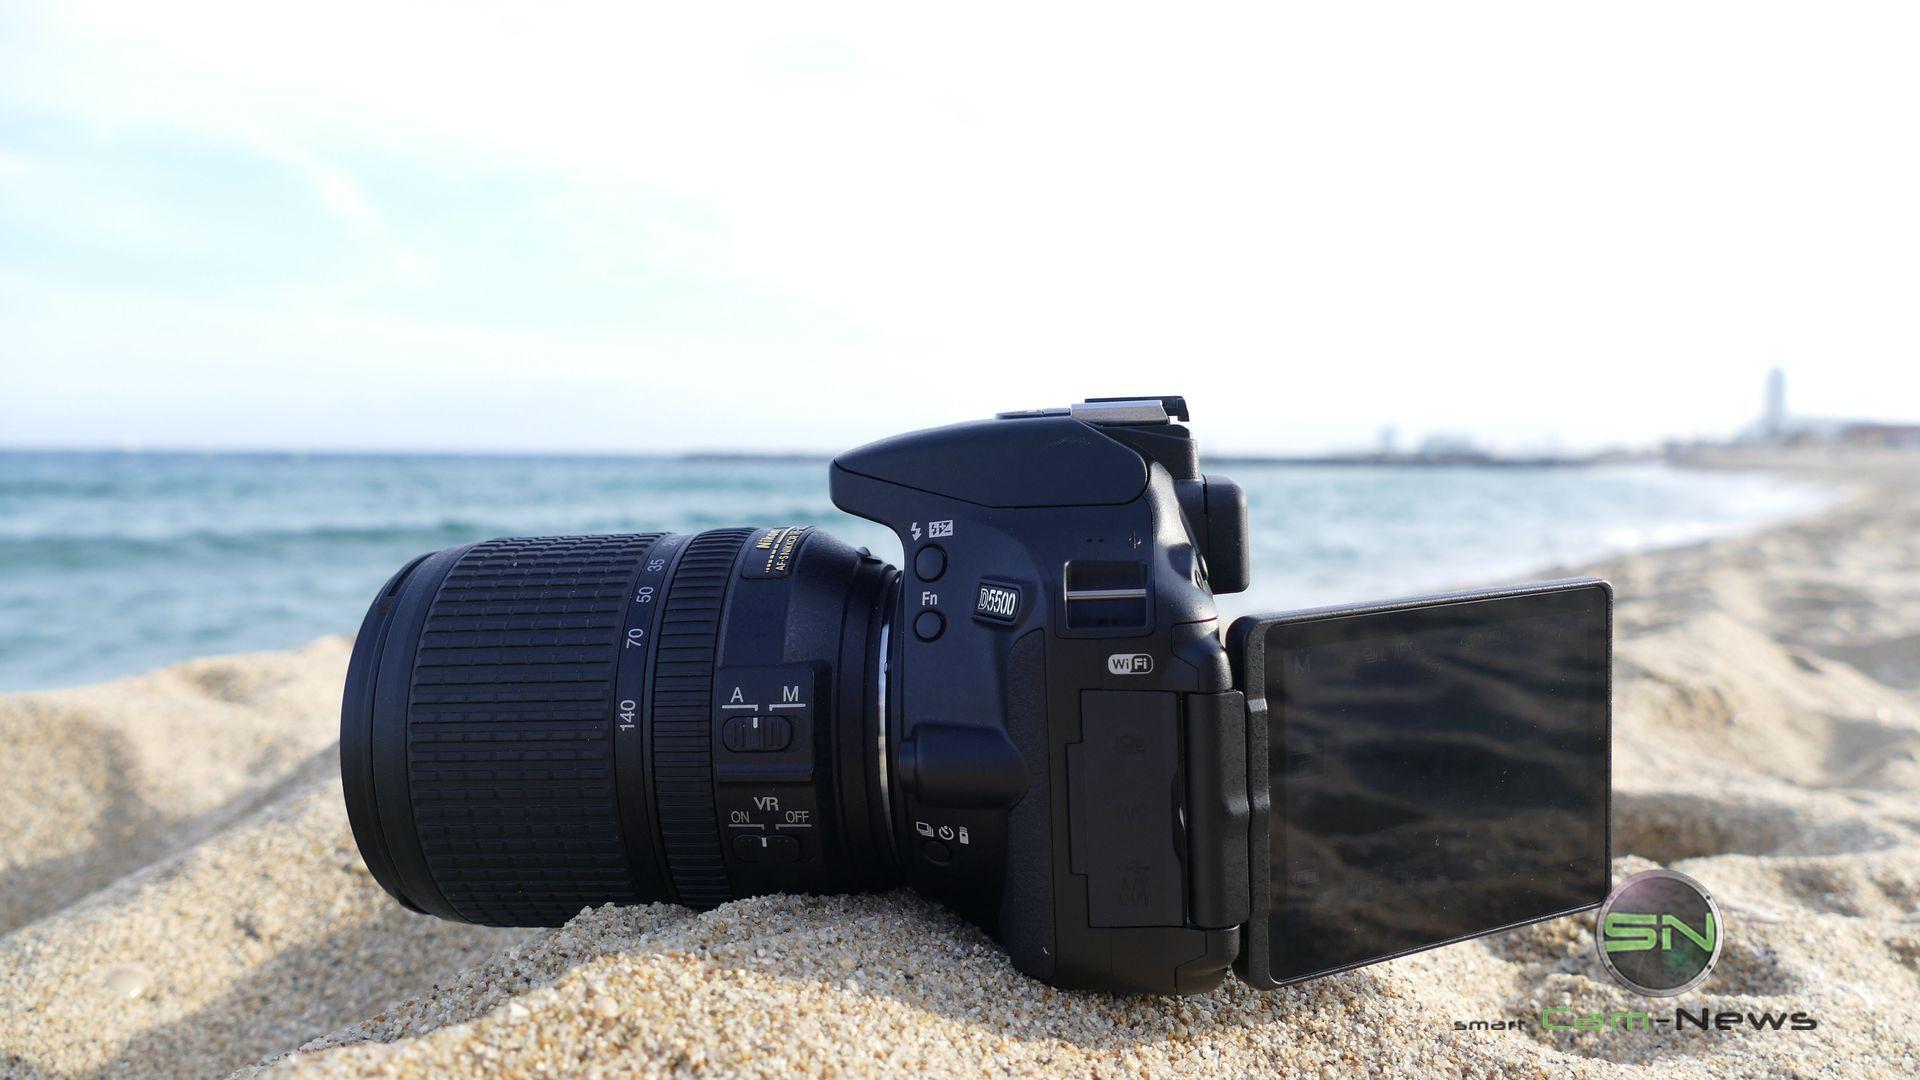 REISE nach BARCELONA: Nikon D5500 Touchscreen DSLR mit einem Hauch von Semiprofi